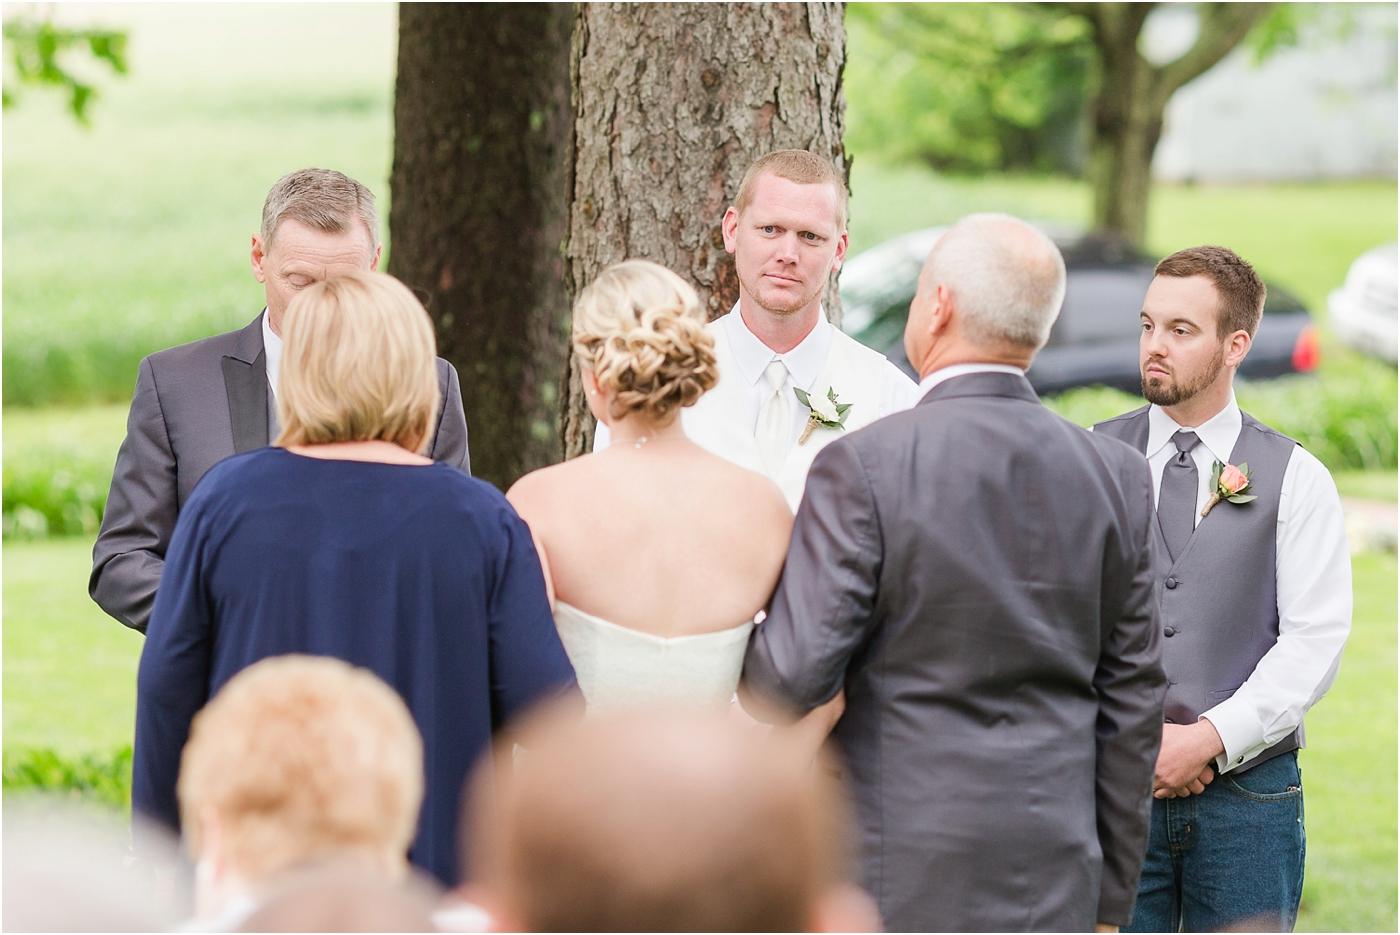 Royer-House-Wedding-Photos-45.jpg